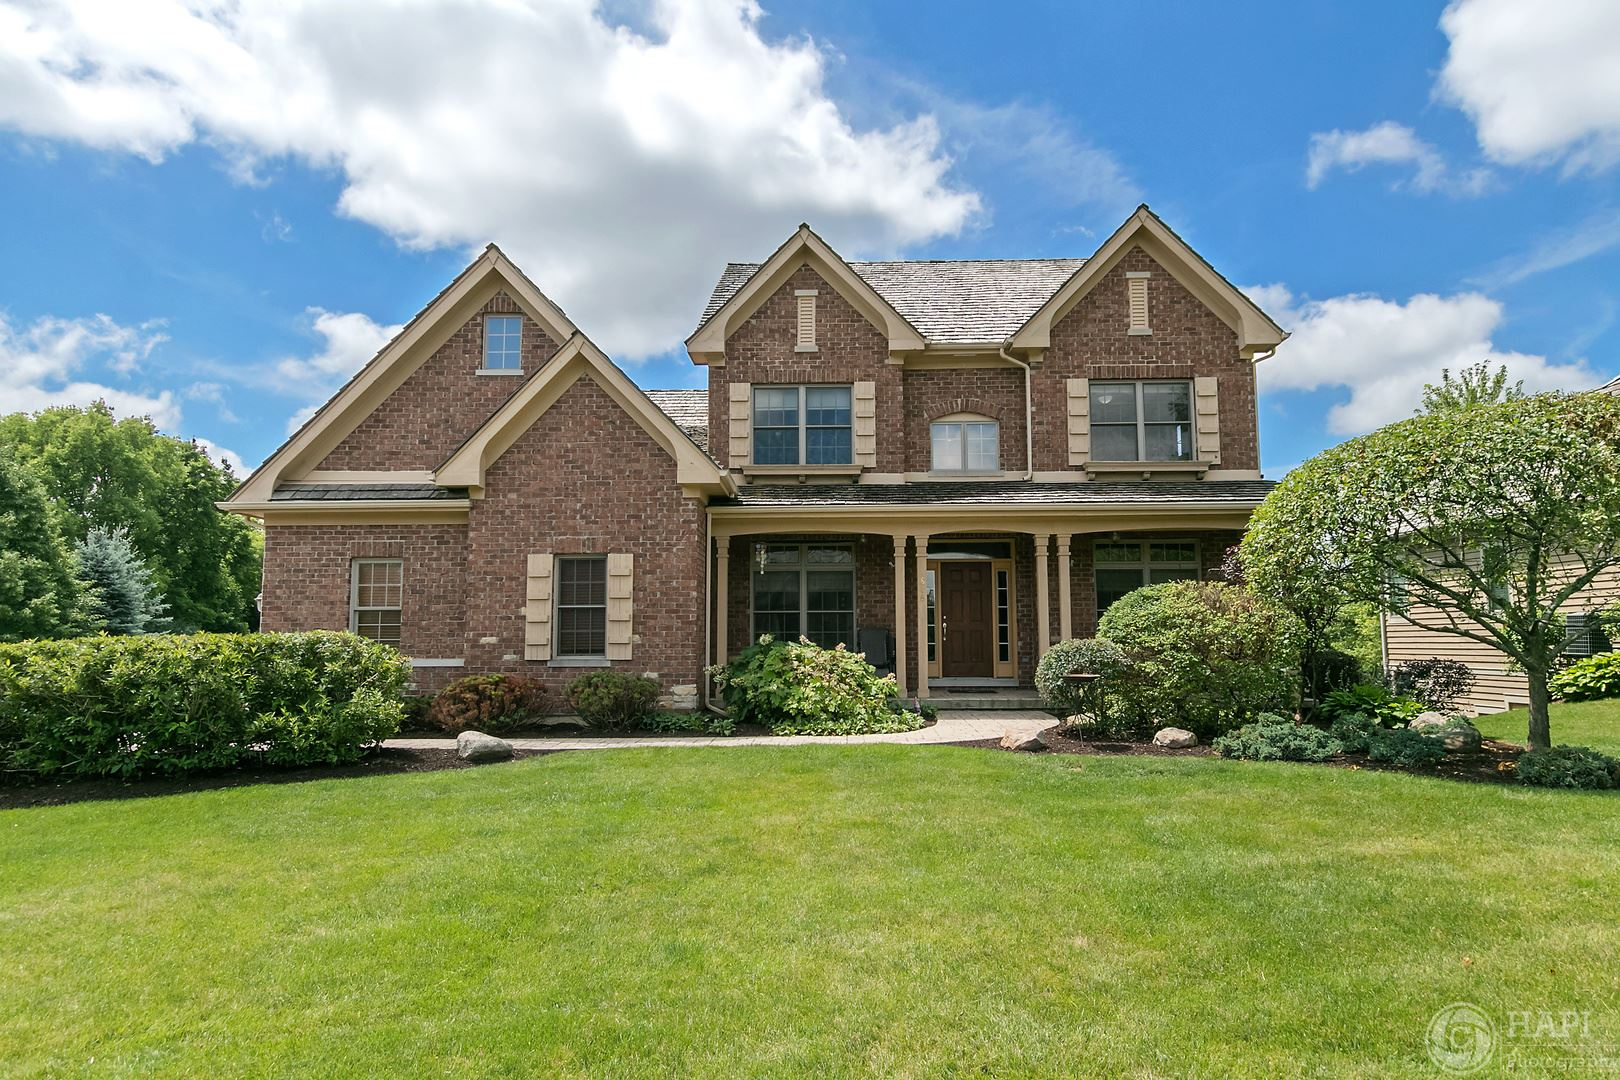 806 Wedgewood Court, Lindenhurst, IL 60046 - MLS#: 10802299